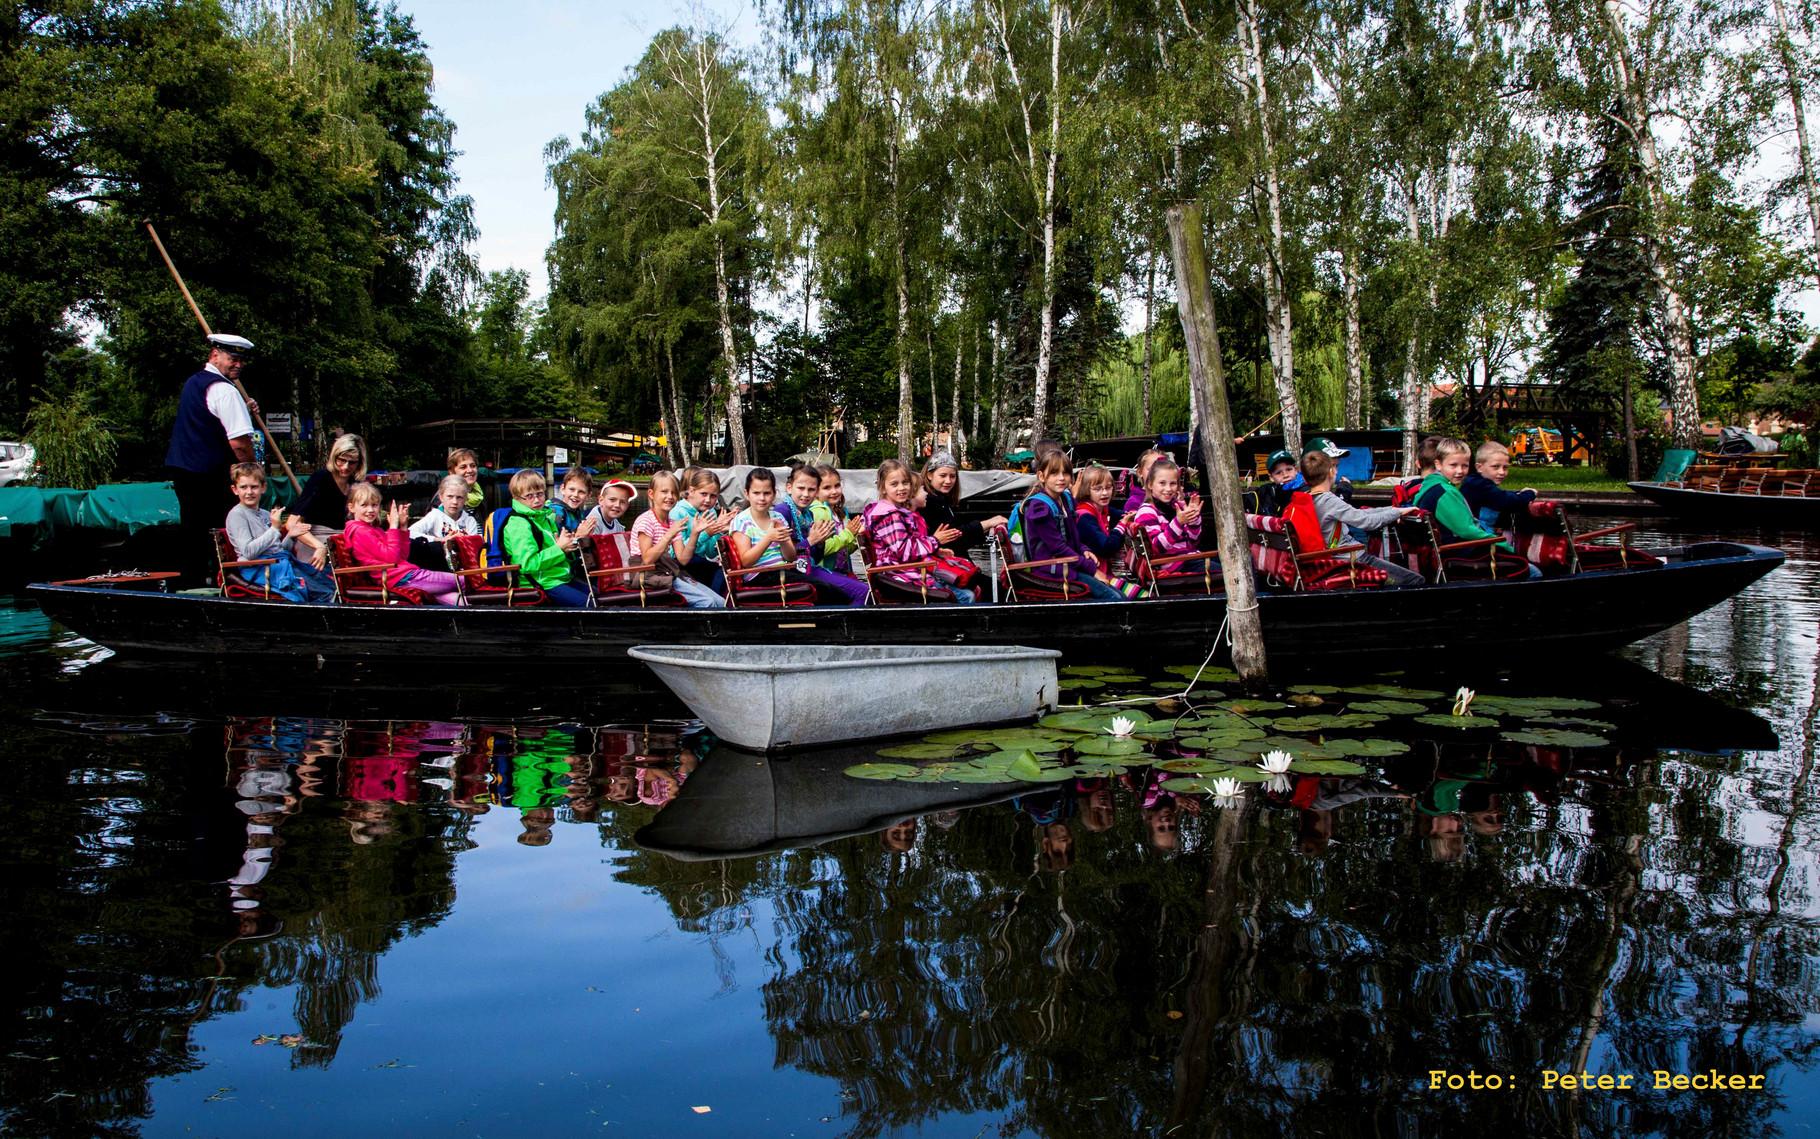 Piraten im Spreewald - Zuschauer auf dem Kahn